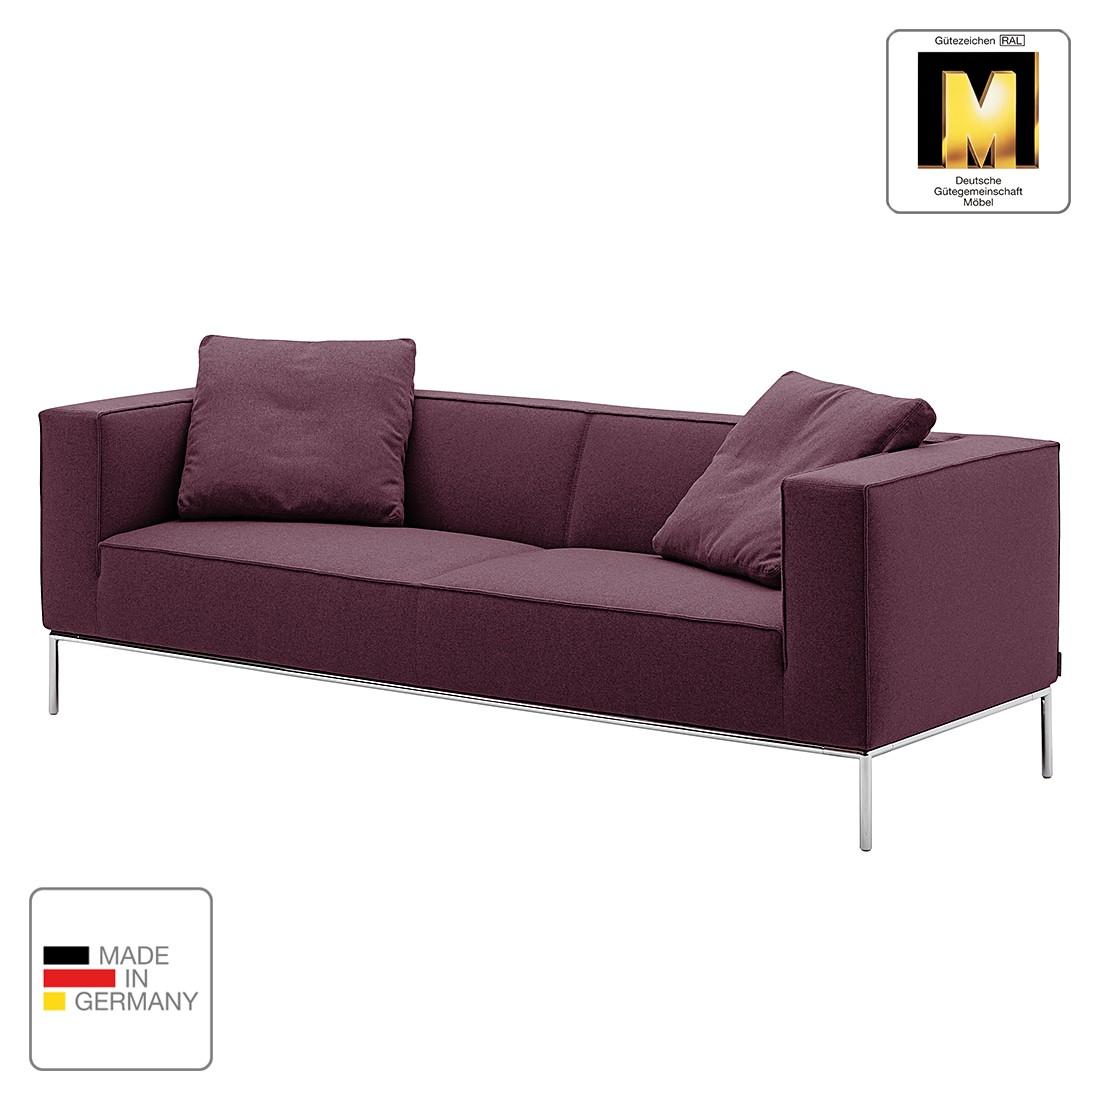 Sofa Greg (3-Sitzer) - Webstoff - Aubergine - 2 Kissen, Machalke Polsterwerkstätten